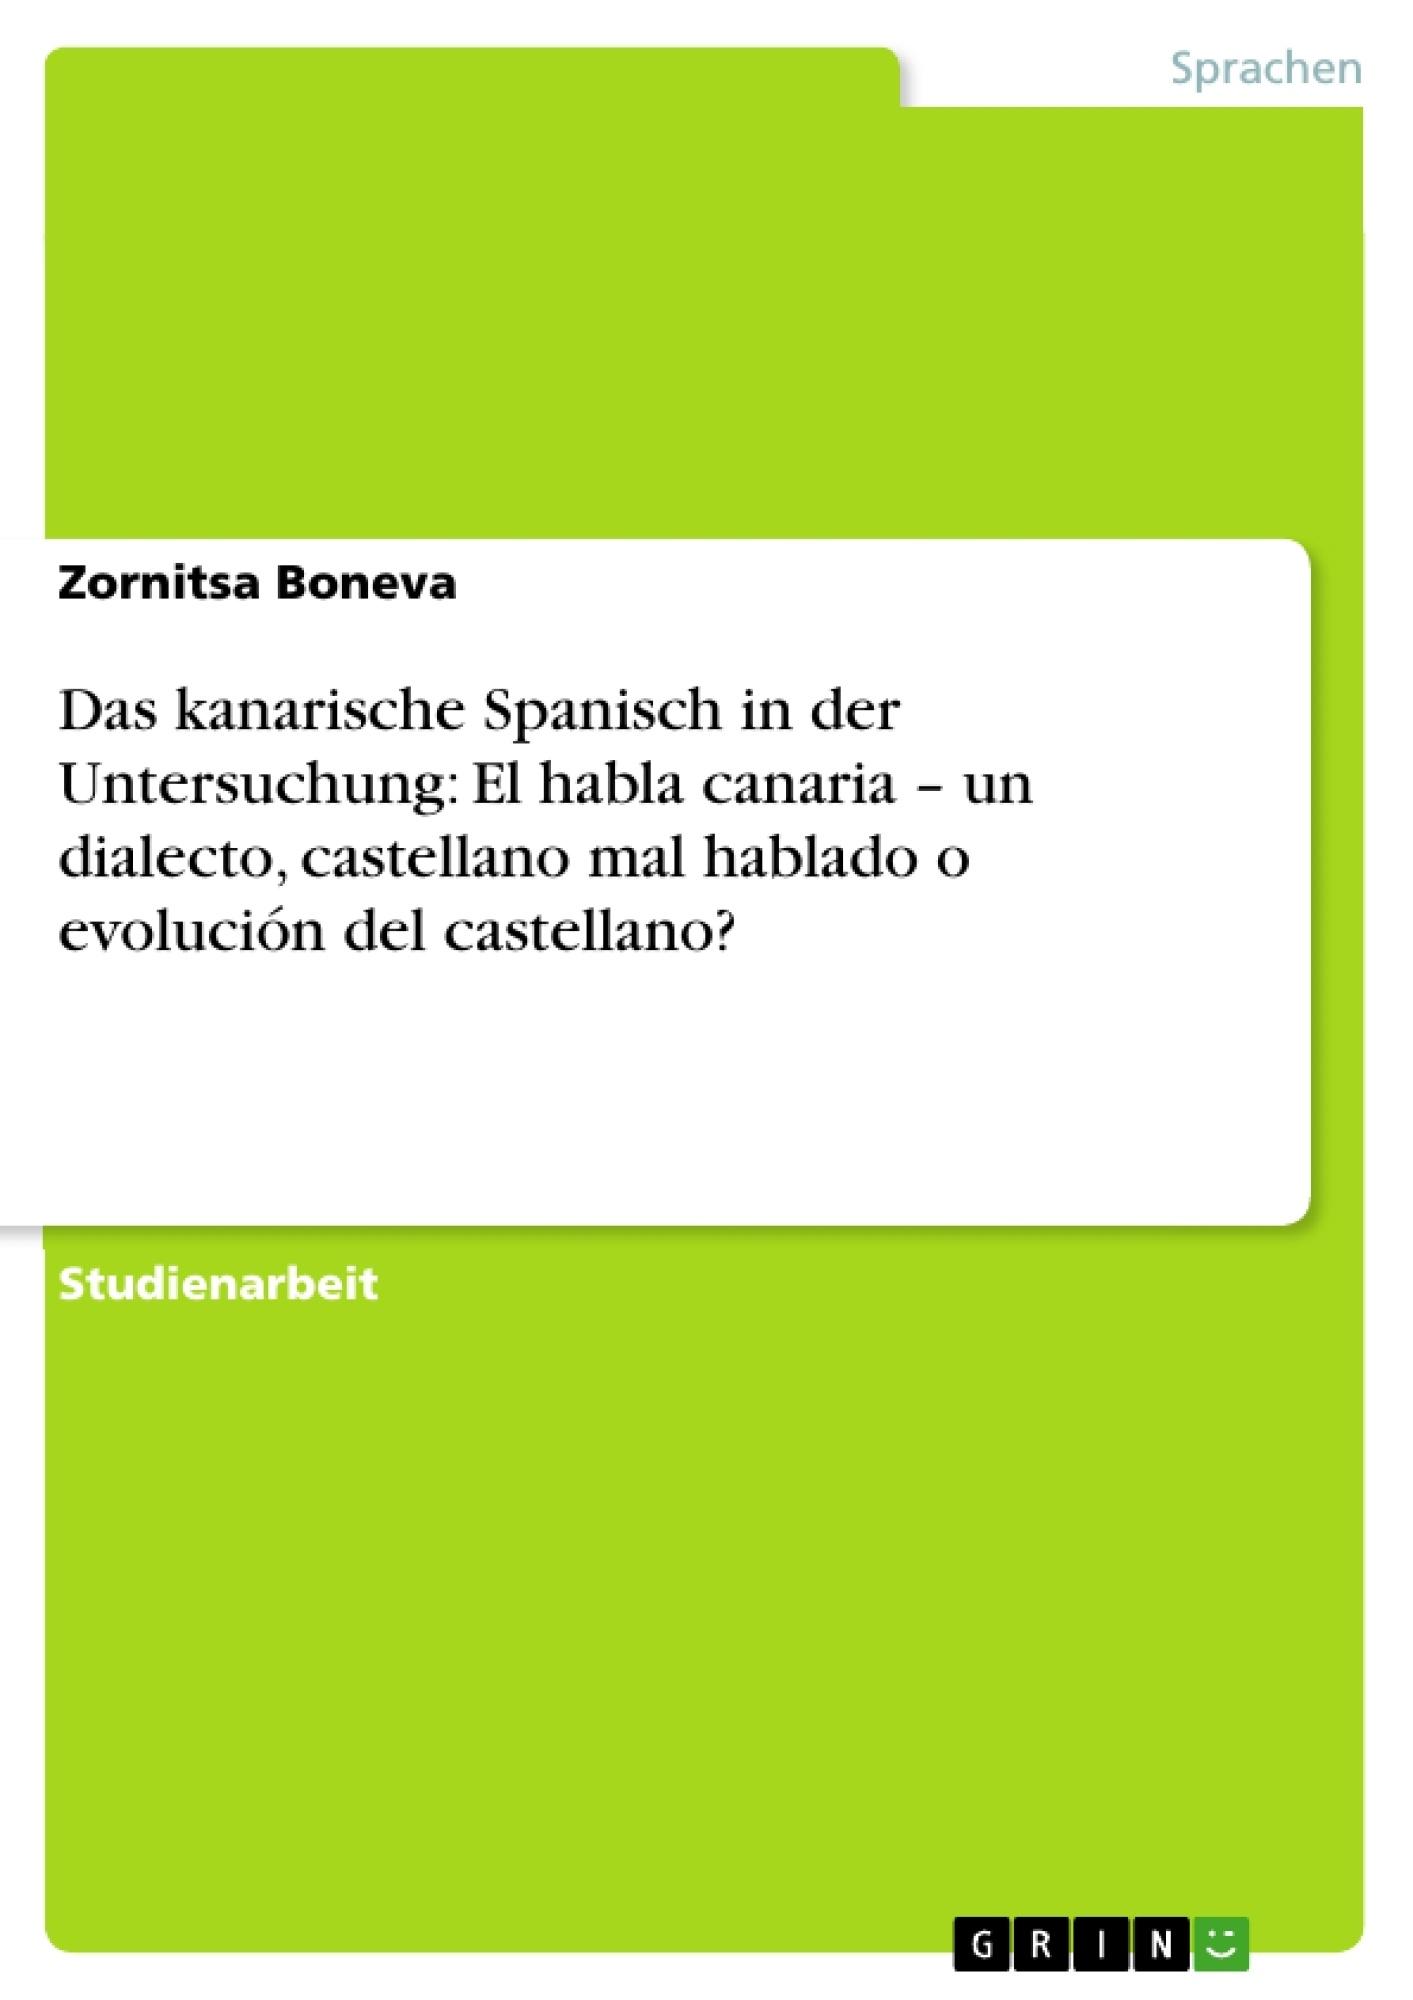 Titel: Das kanarische Spanisch in der Untersuchung: El habla canaria – un dialecto, castellano mal hablado o evolución del castellano?